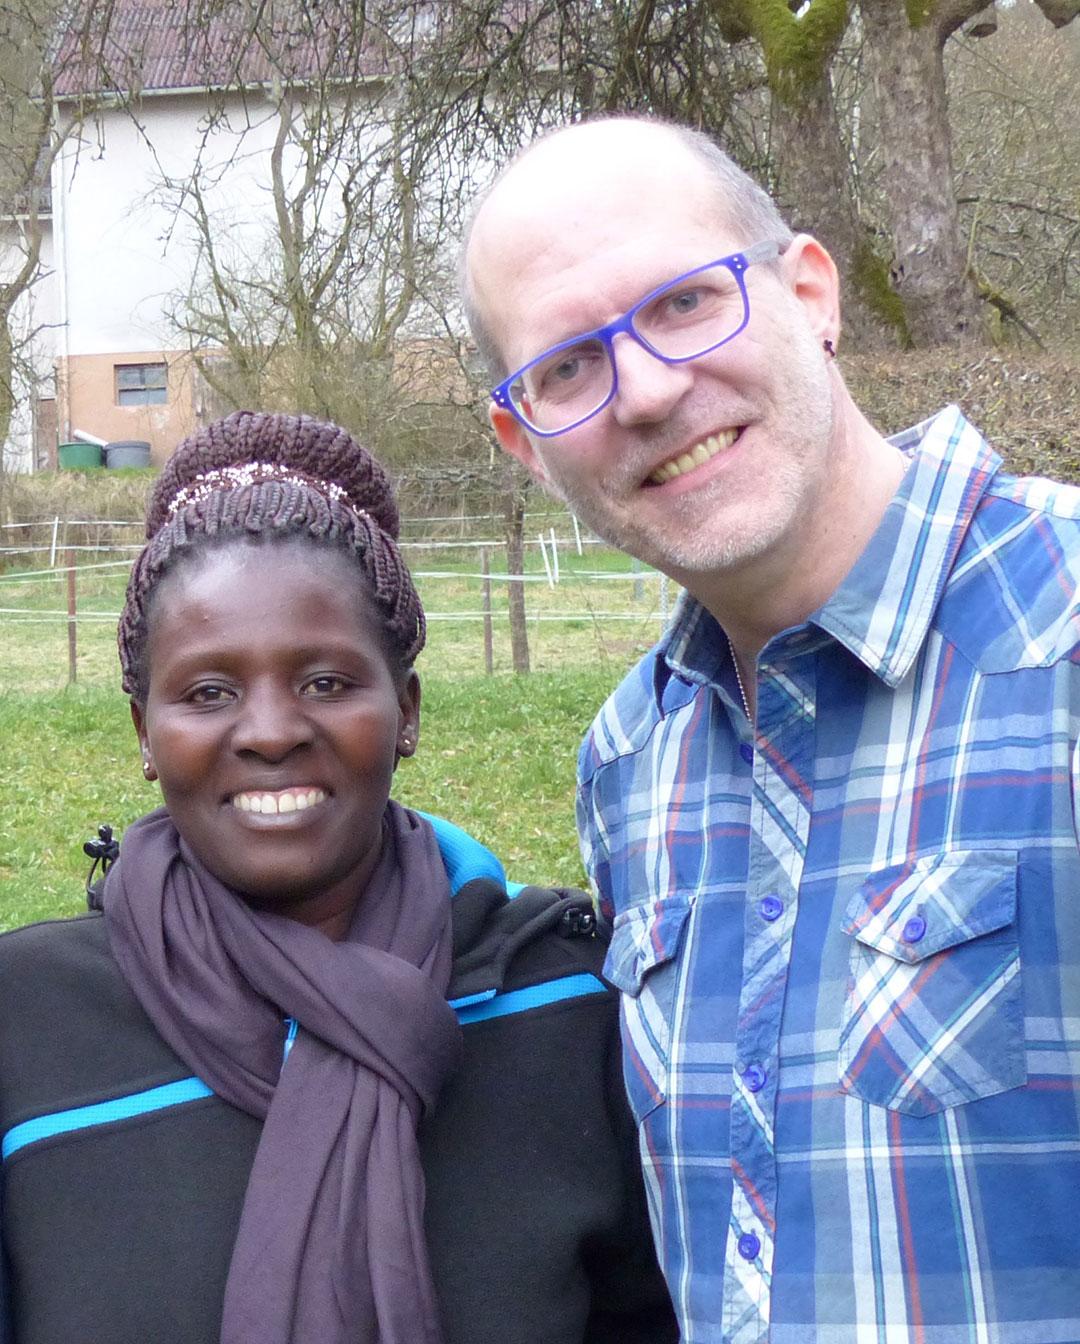 """GER-UGA ist ein internationaler, sozialer, diakonischer Hilfsdienst. Die Arbeit wird auf Basis christlicher Nächstenliebe getragen. Damit möglichst viele Menschen in Uganda davon profitieren können, bitten wir herzlich um Ihre Unterstützung. Schenken Sie Hoffnung. Möchten Sie den Fertigbau der Berufsschule TAVOTI unterstützen oder die Patenschaft für ein mittelloses Kind in Uganda übernehmen, damit dieses die Schule besuchen kann? Das geht ganz einfach. Schreiben Sie uns an oder spenden Sie direkt mit dem Verwendungszweck """"GER-UGA, Schulbau"""" bzw. """"GER-UGA, Patenschaft"""" an:  Inpac e.V. Sparkasse Hanau IBAN: DE06 5065 0023 0037 1453 23 BIC: HELADEF1HAN Ihre Spende kommt garantiert an. Freundliche Grüße Ihr Alexander Kaißer (Arbeitszweig-Leiter GER-UGA)"""